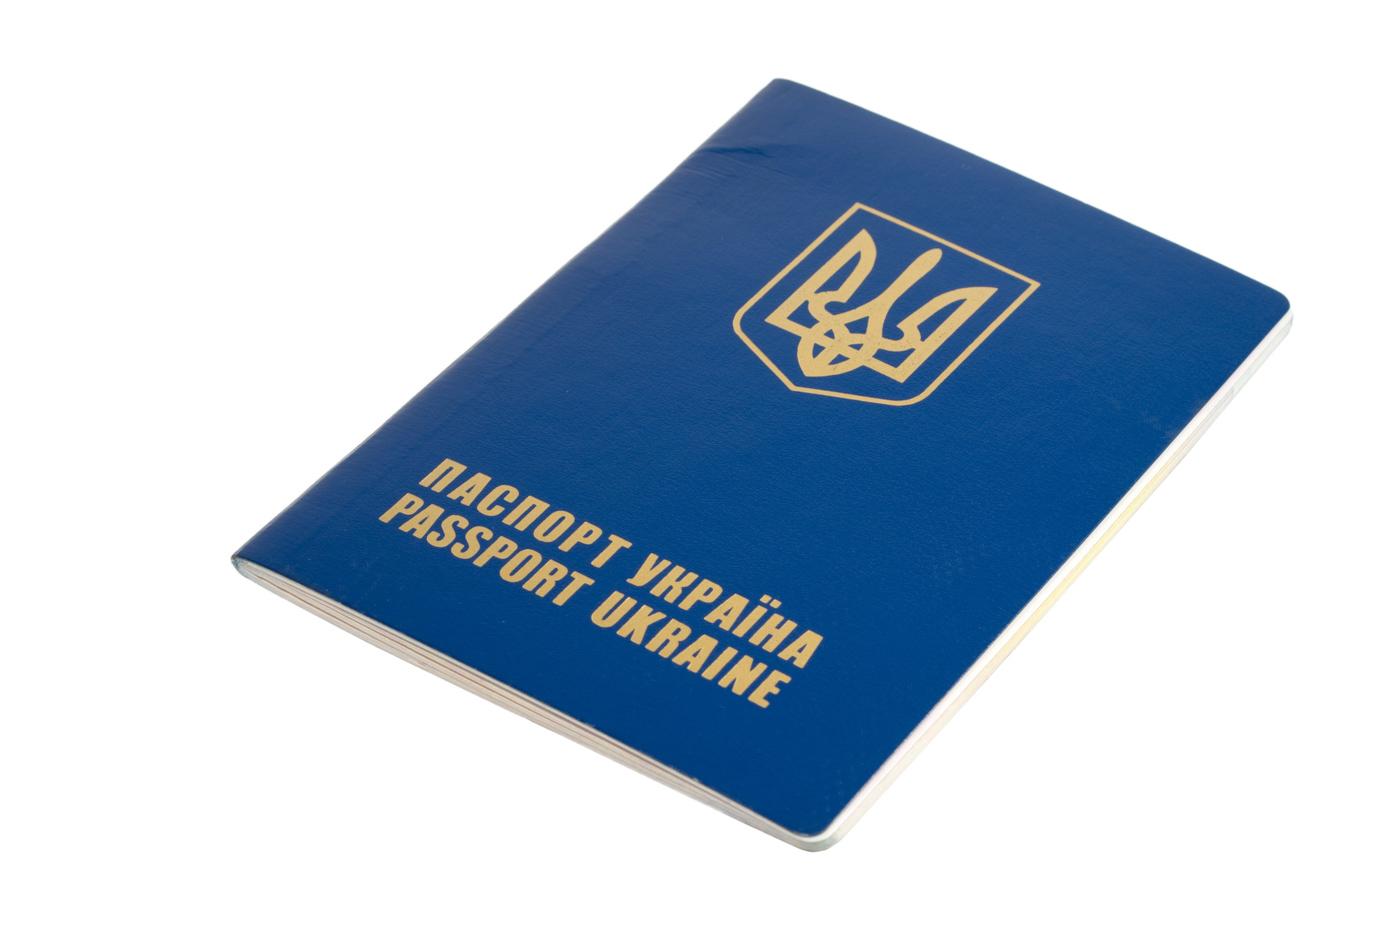 Фото украинского заграничного паспорта